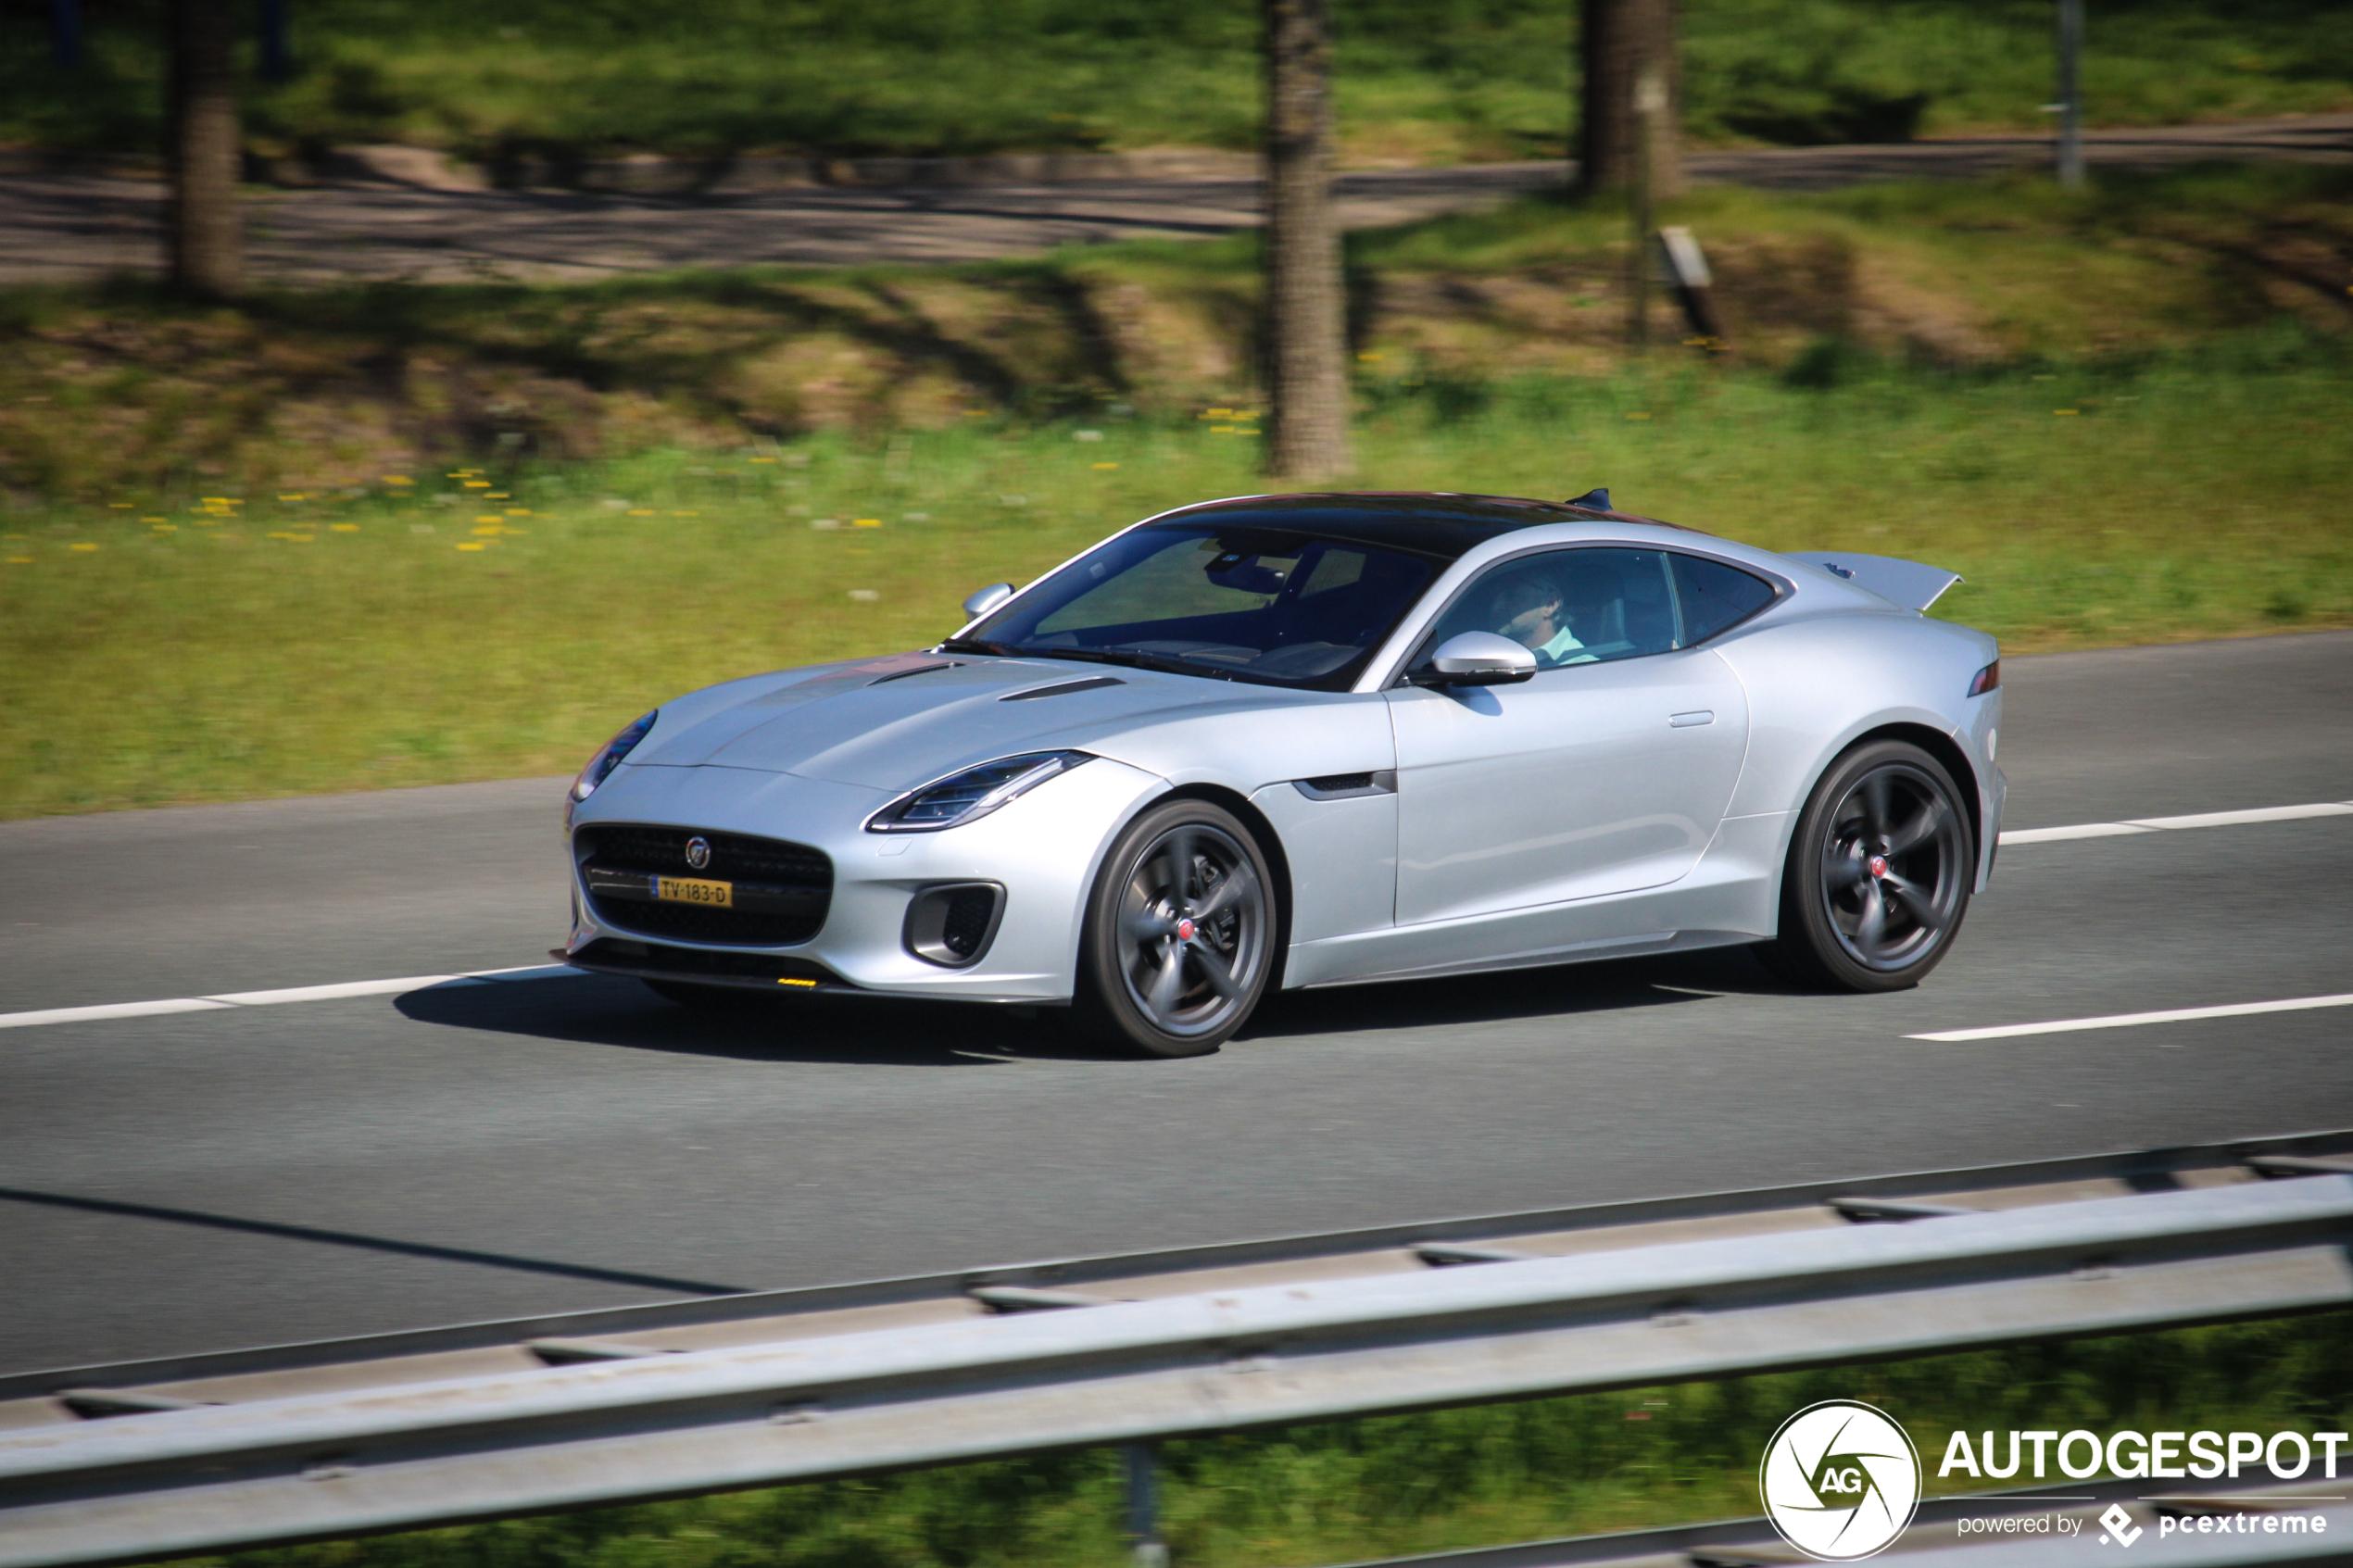 2020 Jaguar Xj Coupe Images